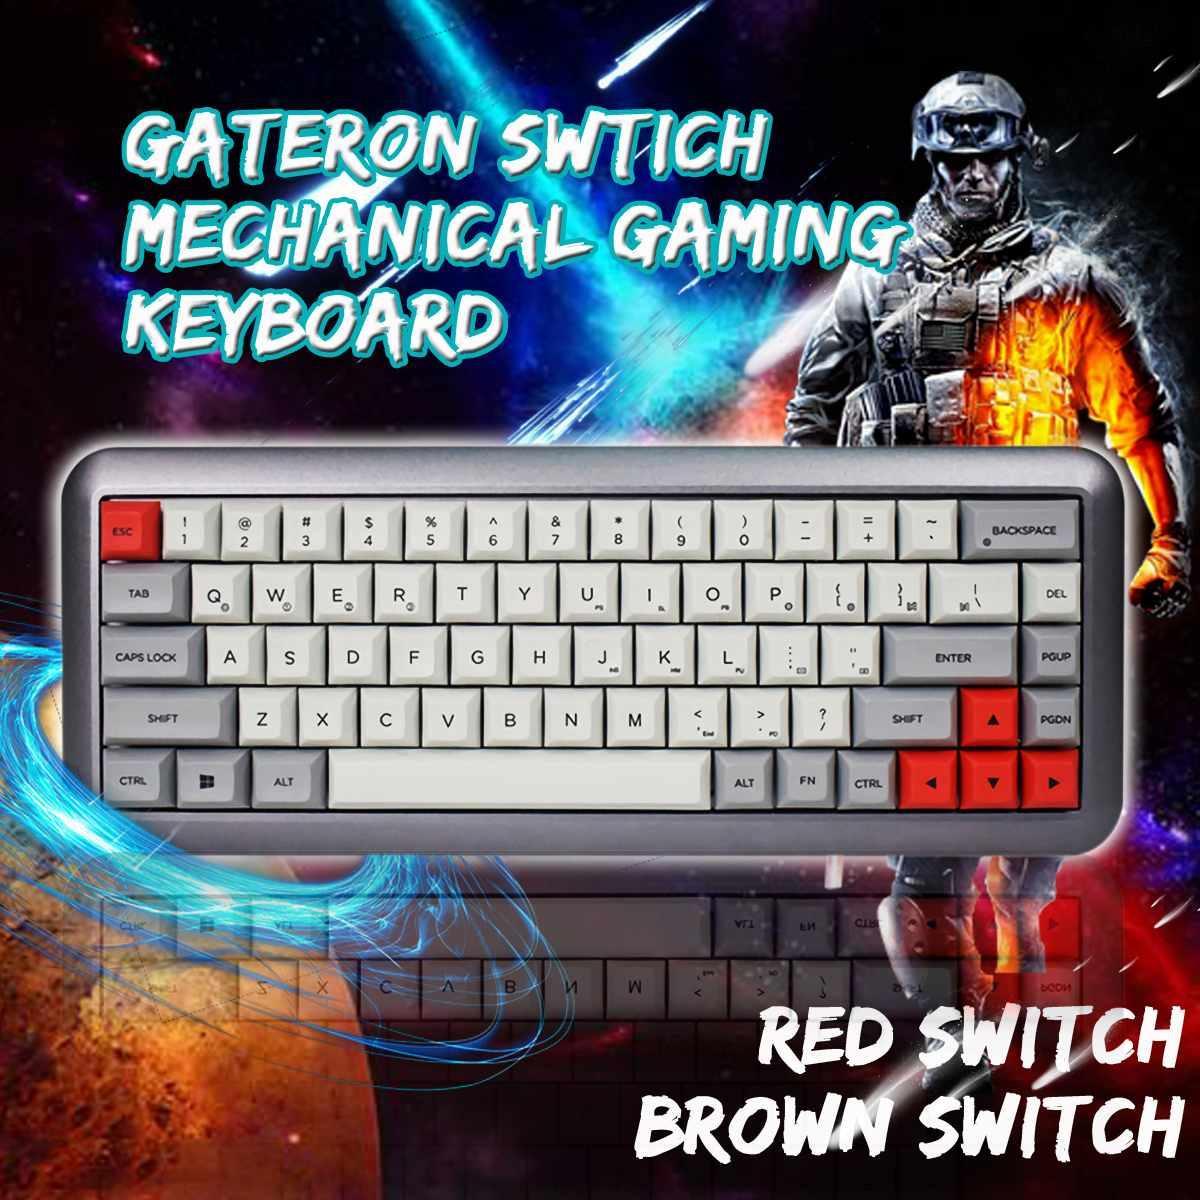 Commutateur Gateron DSA profil dyte-sub PBT Keycaps GK68 68 touches clavier de jeu mécanique filaire type-c remplaçable à chaud pour-Mac OS gagne